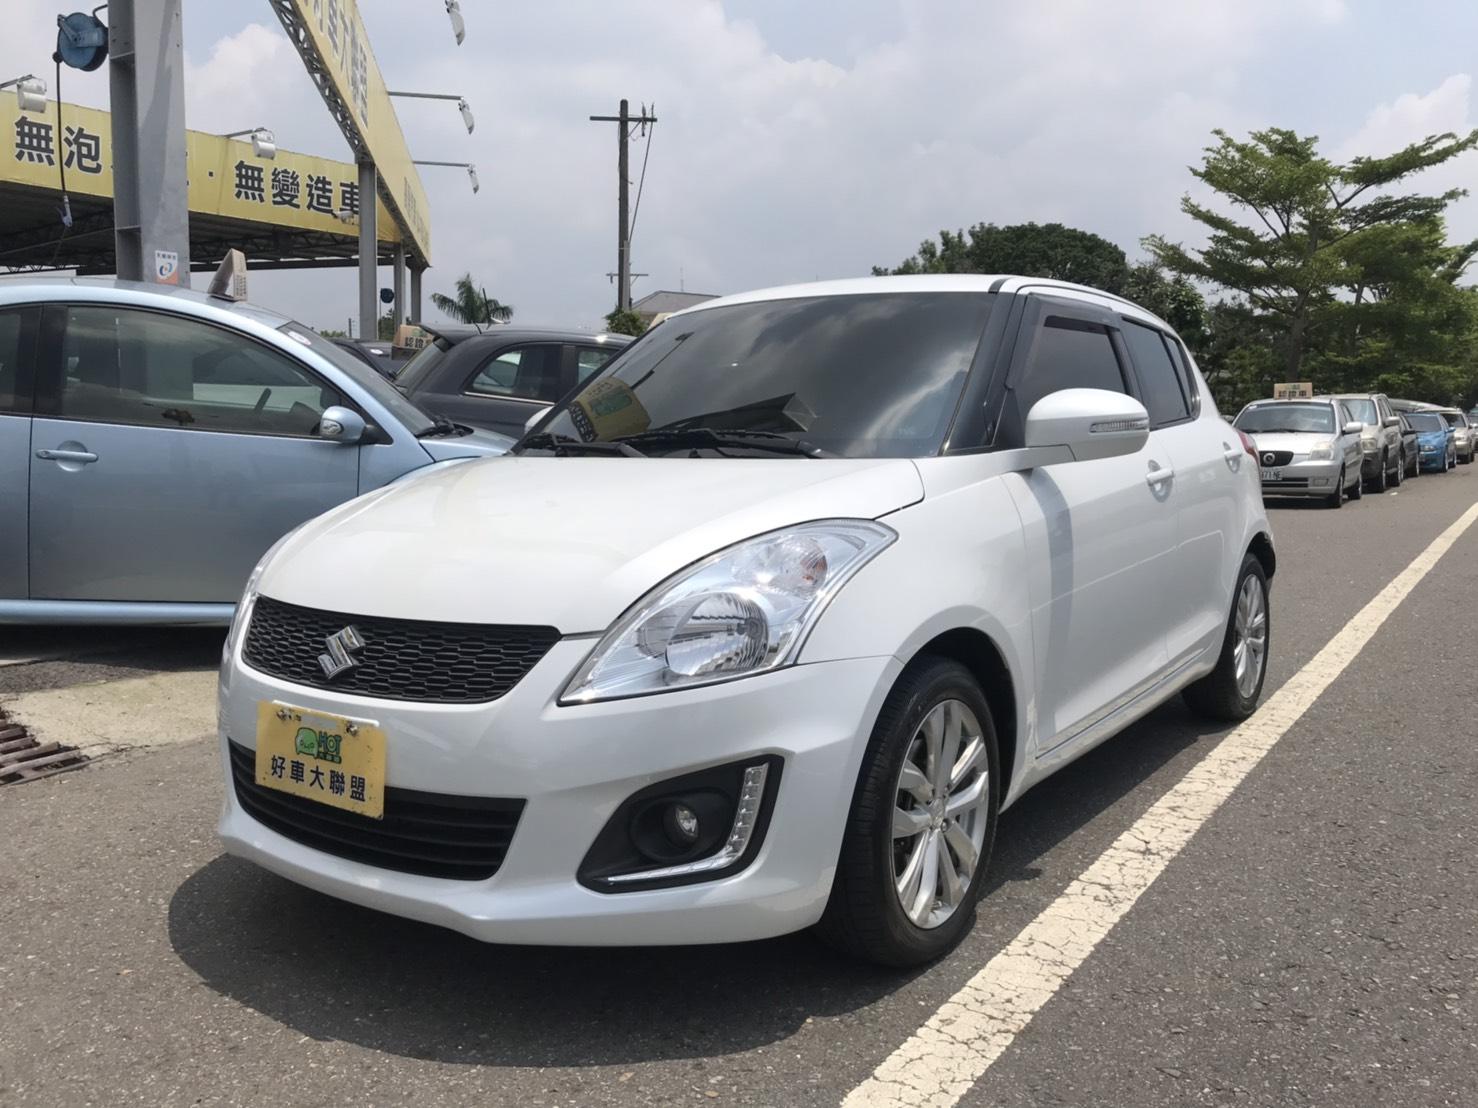 2015 Suzuki 鈴木 Swift